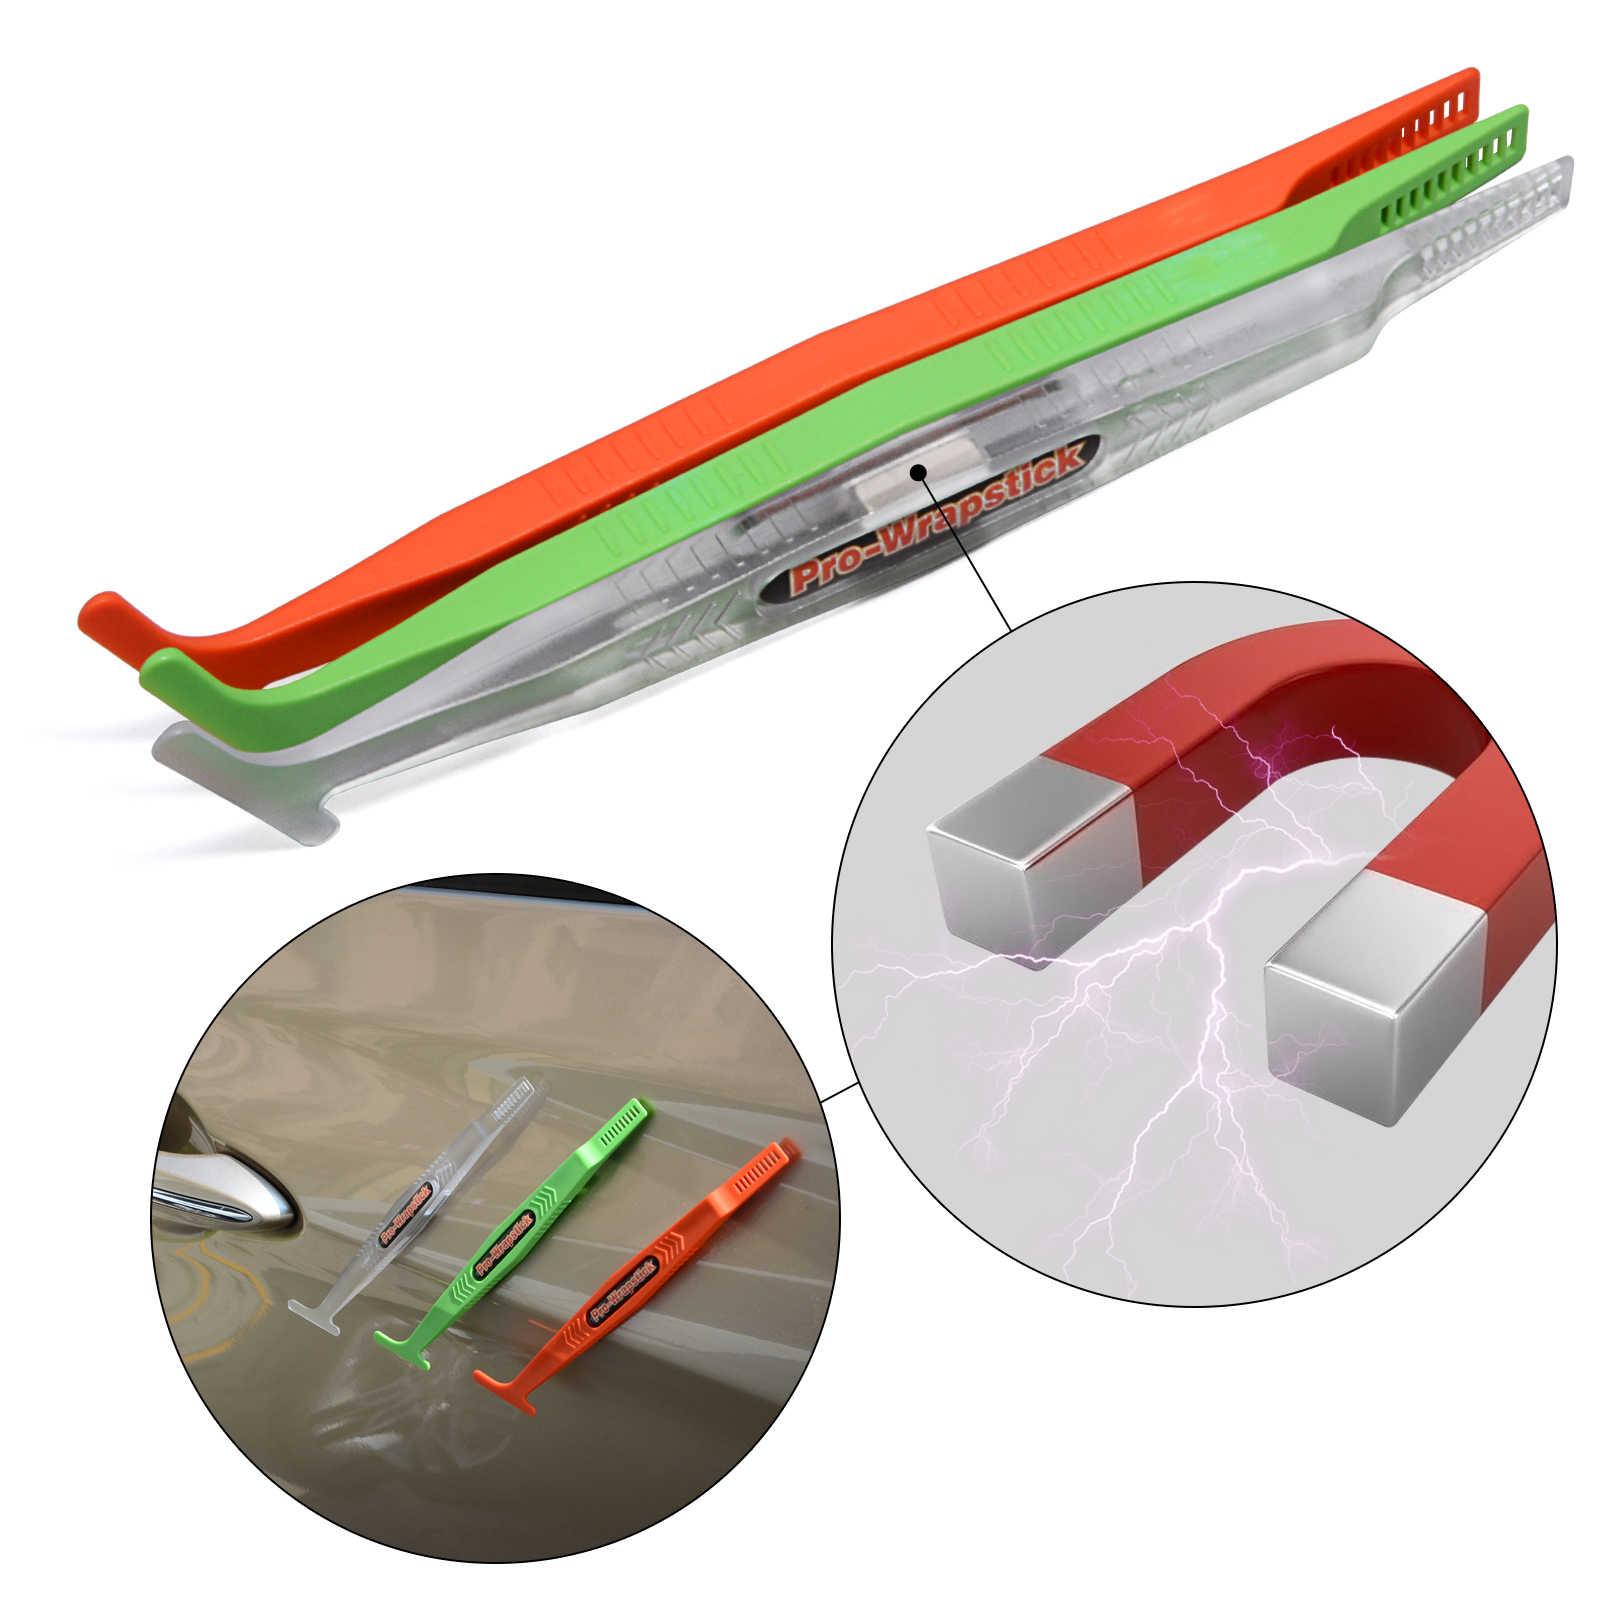 EHDIS الكربون الفينيل سيارة المغناطيسي ملصق ممسحة فيلم 3 صلابة مغلفة مكشطة نافذة أدوات تنظيف تينت اكسسوارات السيارات